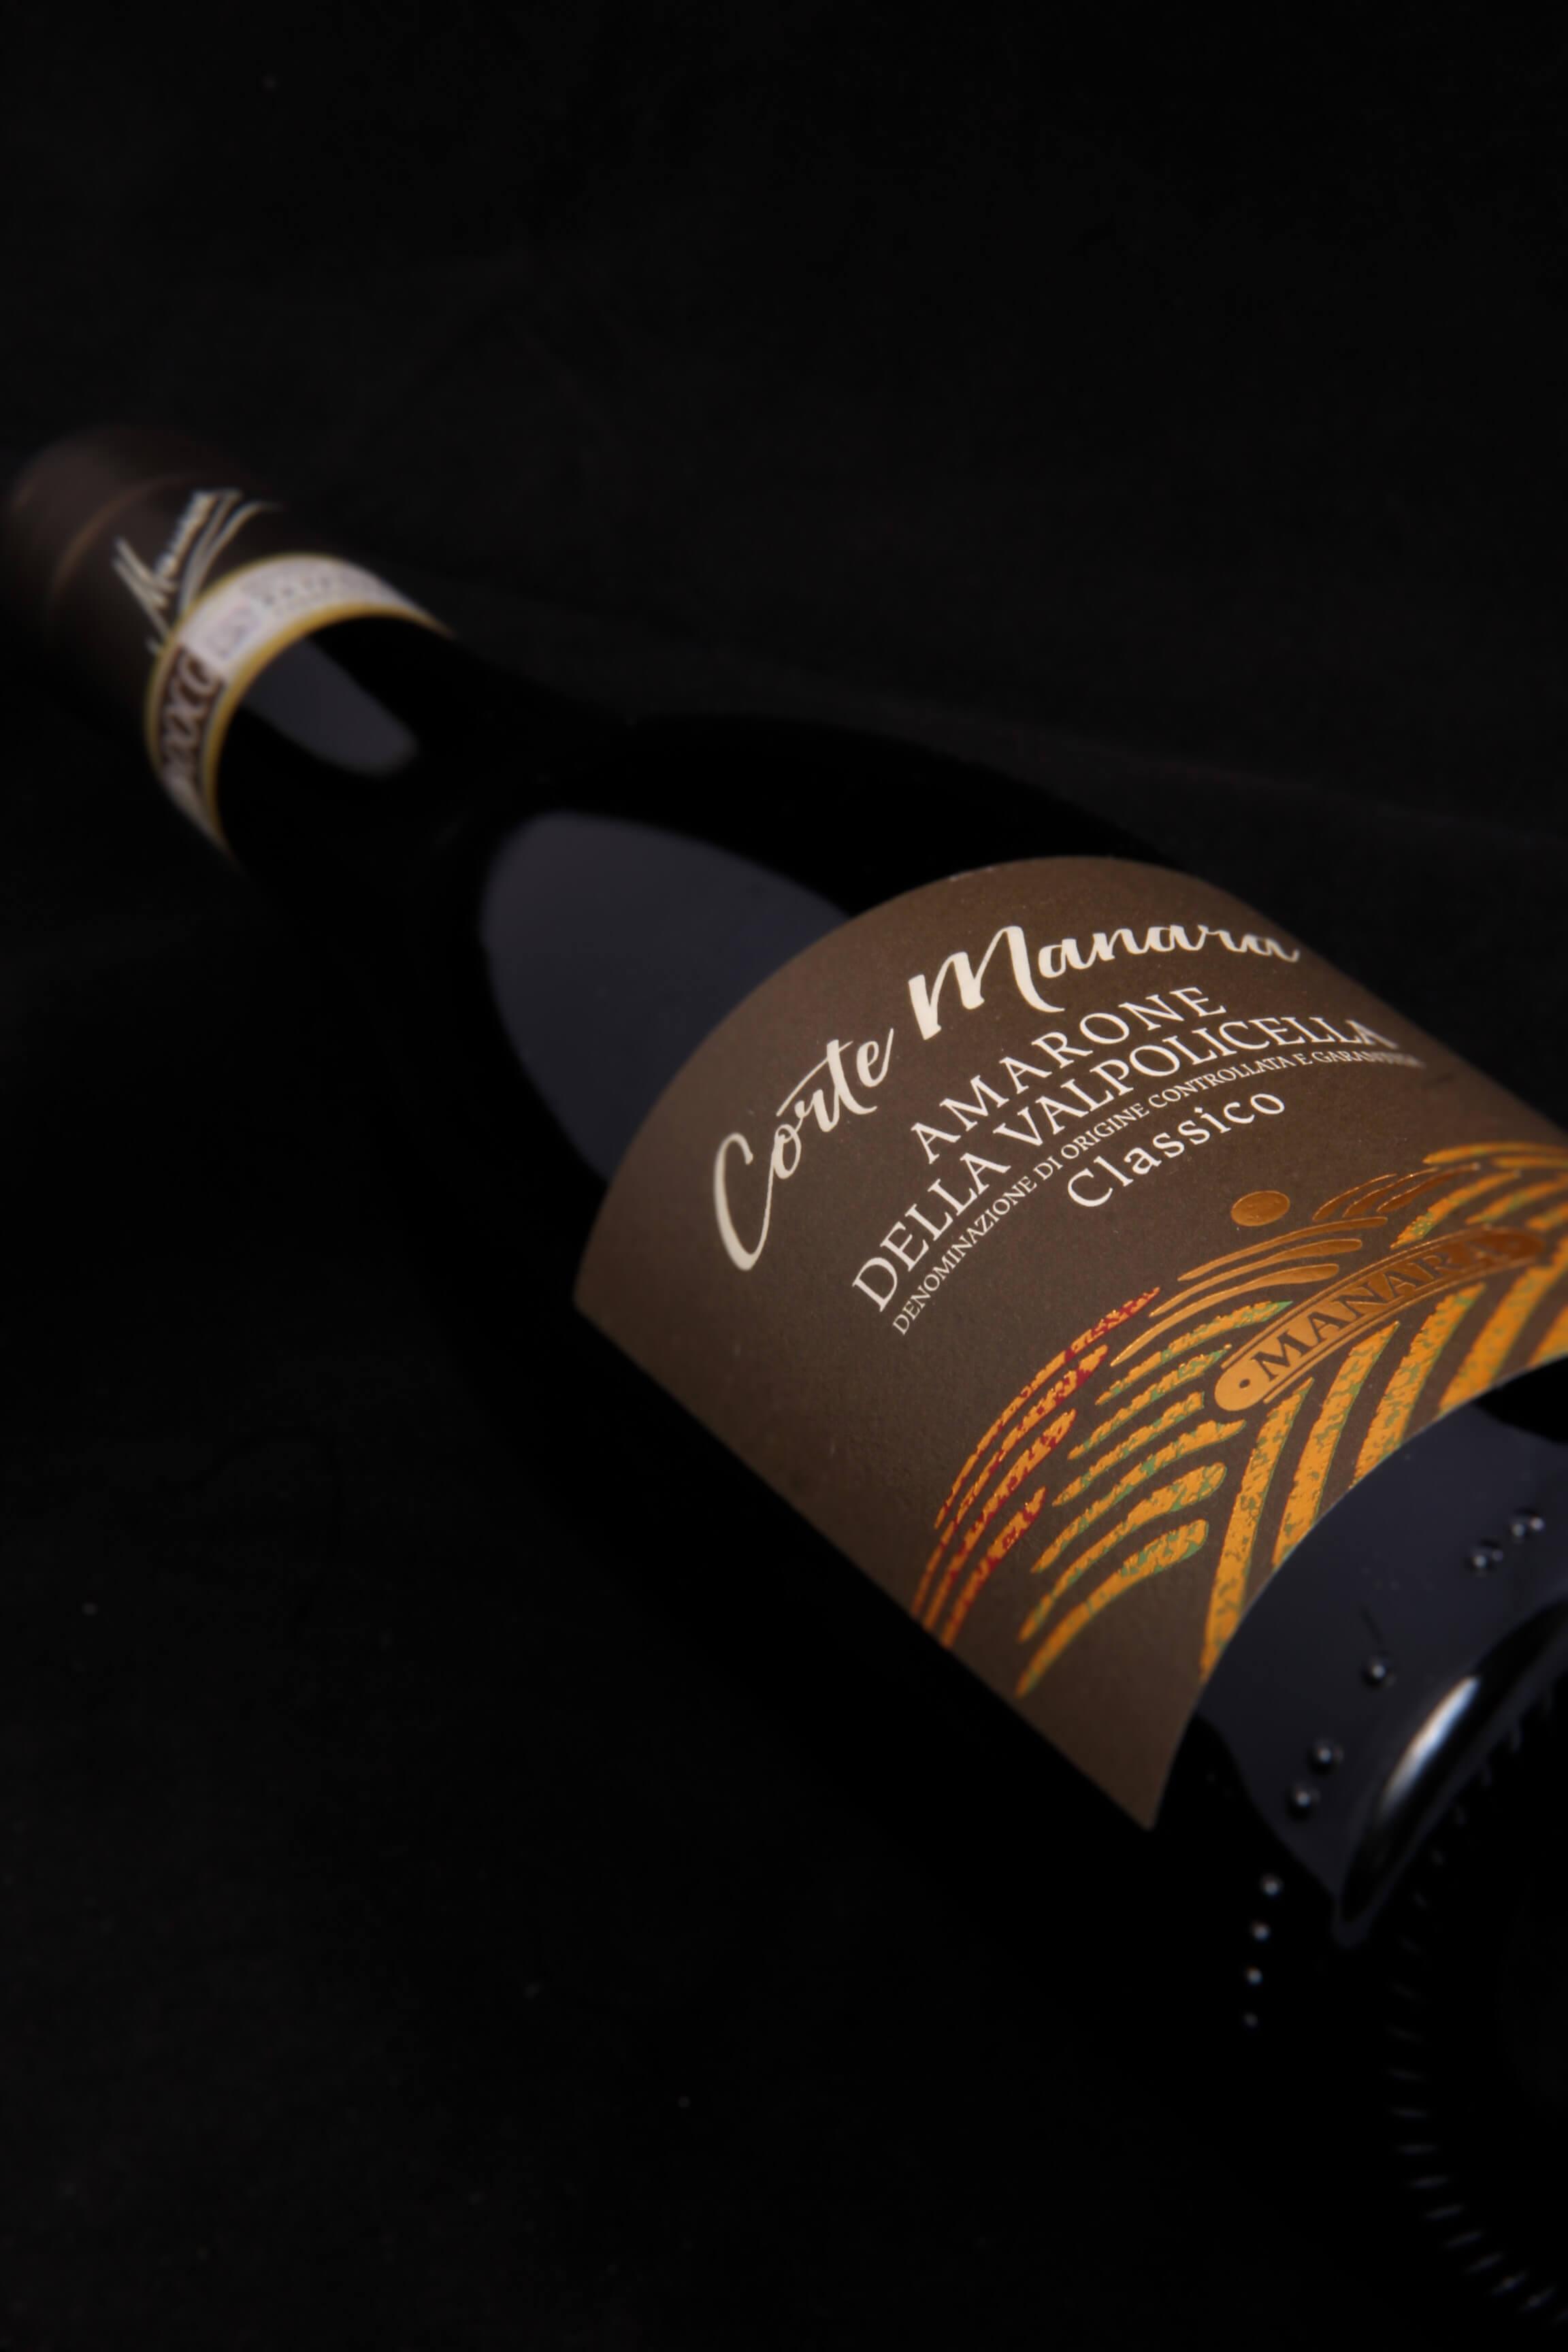 vino_nostrum-importadora_de_vinos_y_alimentos_ok11